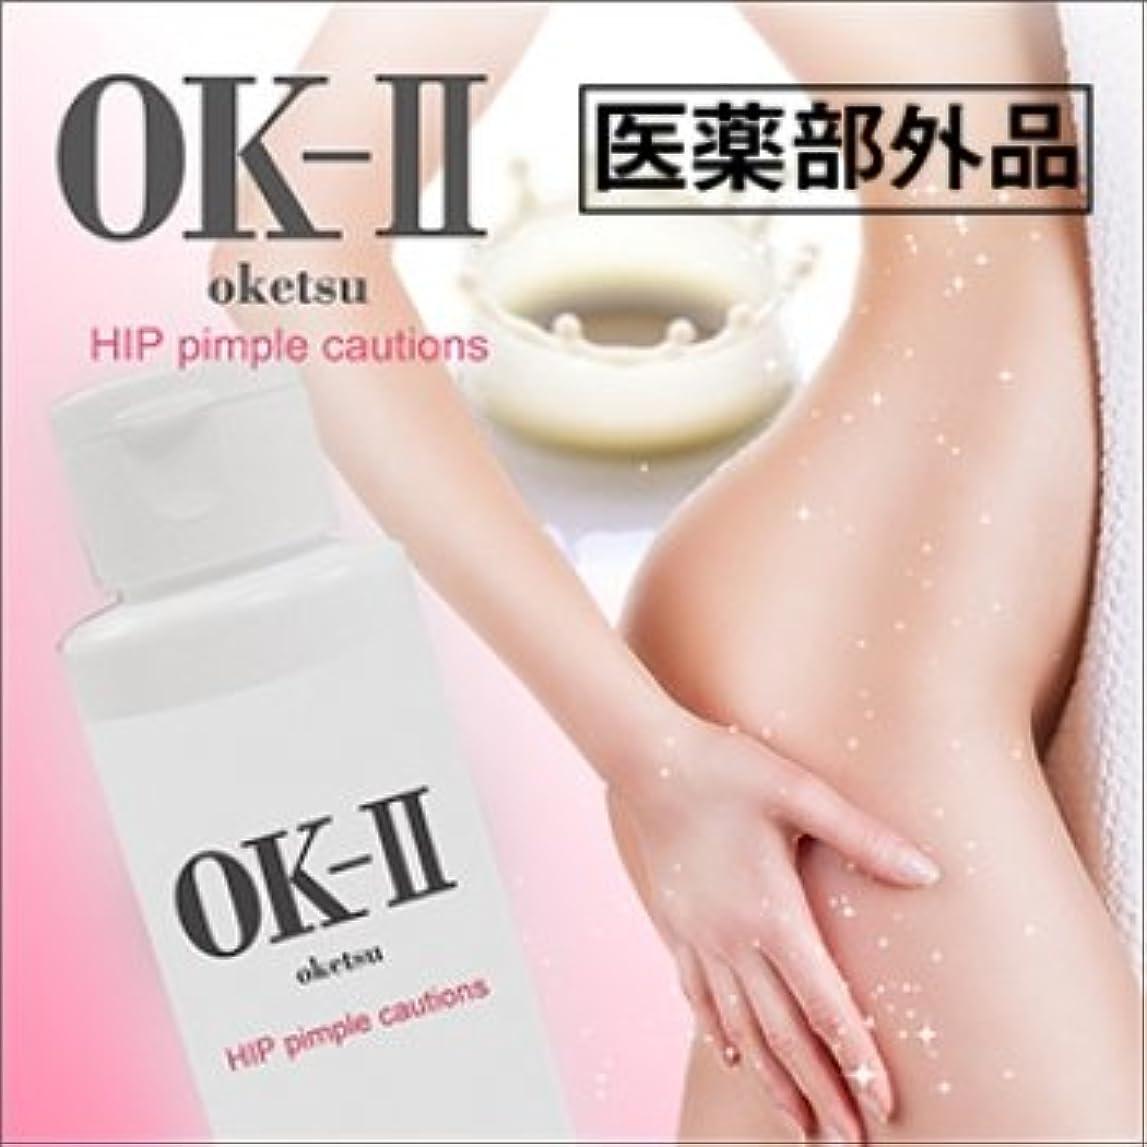 病気科学メイトOK-IIオッケーツー(薬用お尻ニキビケアボディ乳液)医薬部外品